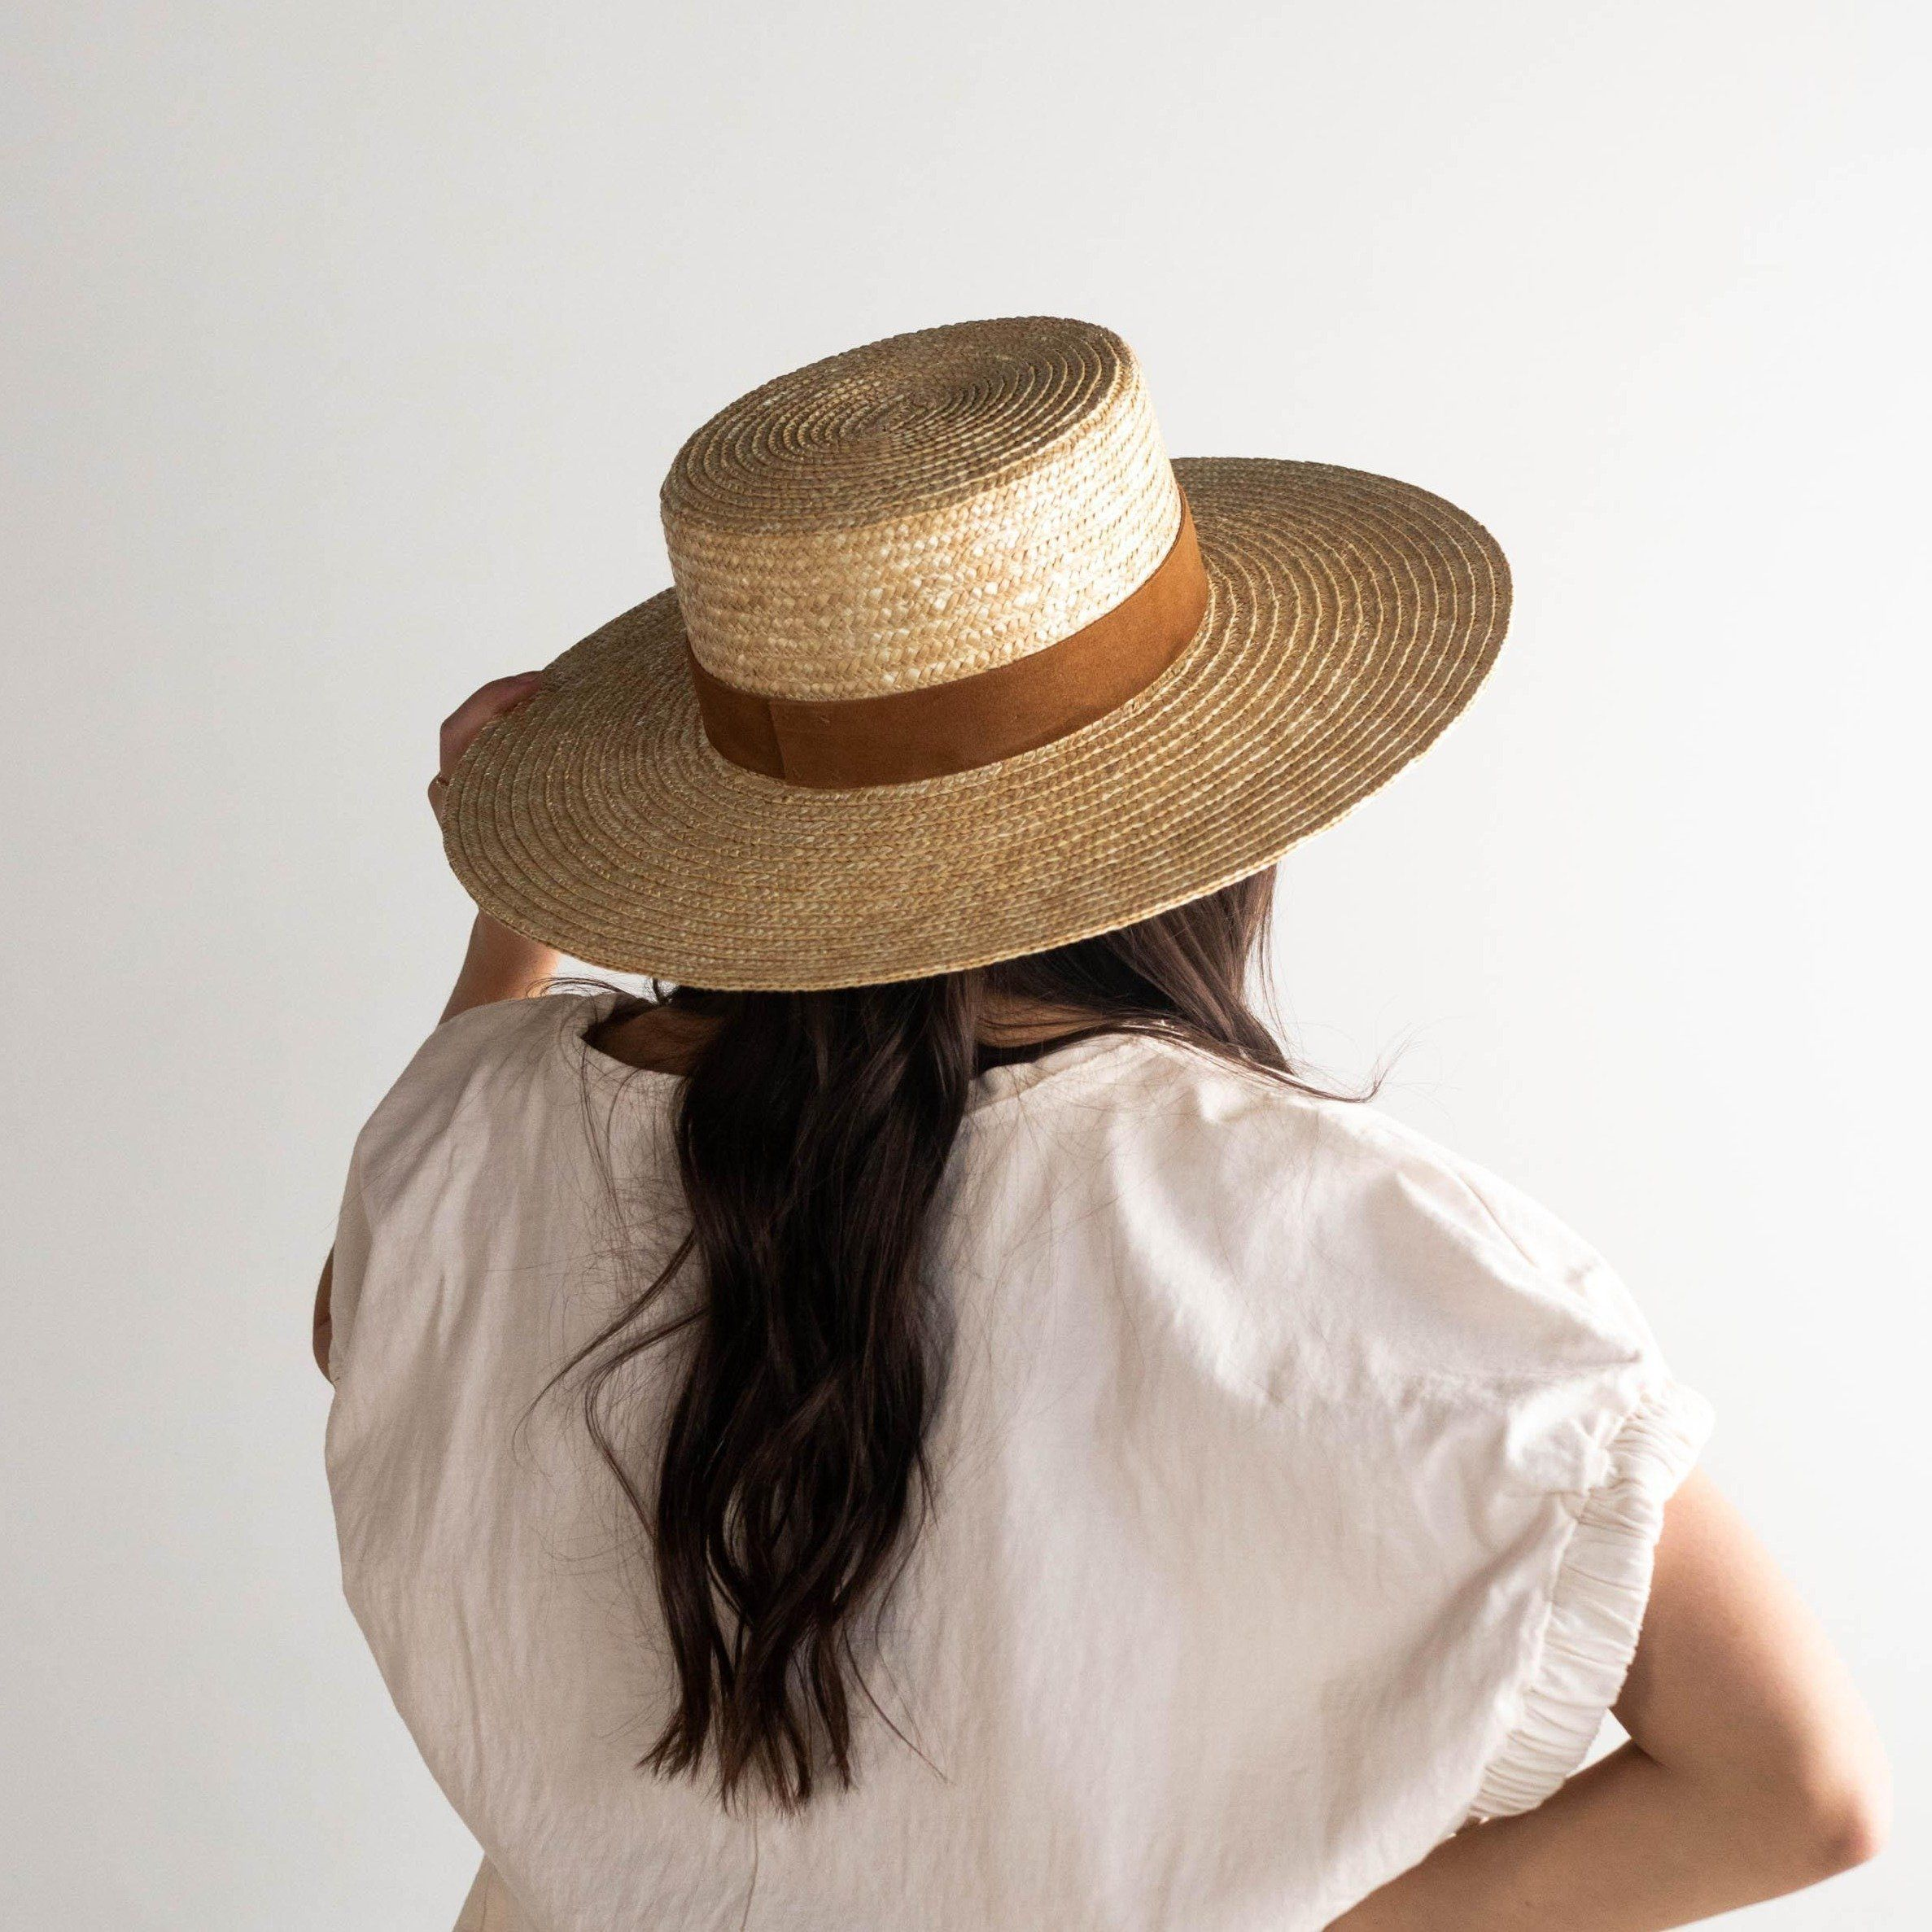 Capri Medium Natural Hat Fashion Wide Brim Sun Hat Wide Brimmed